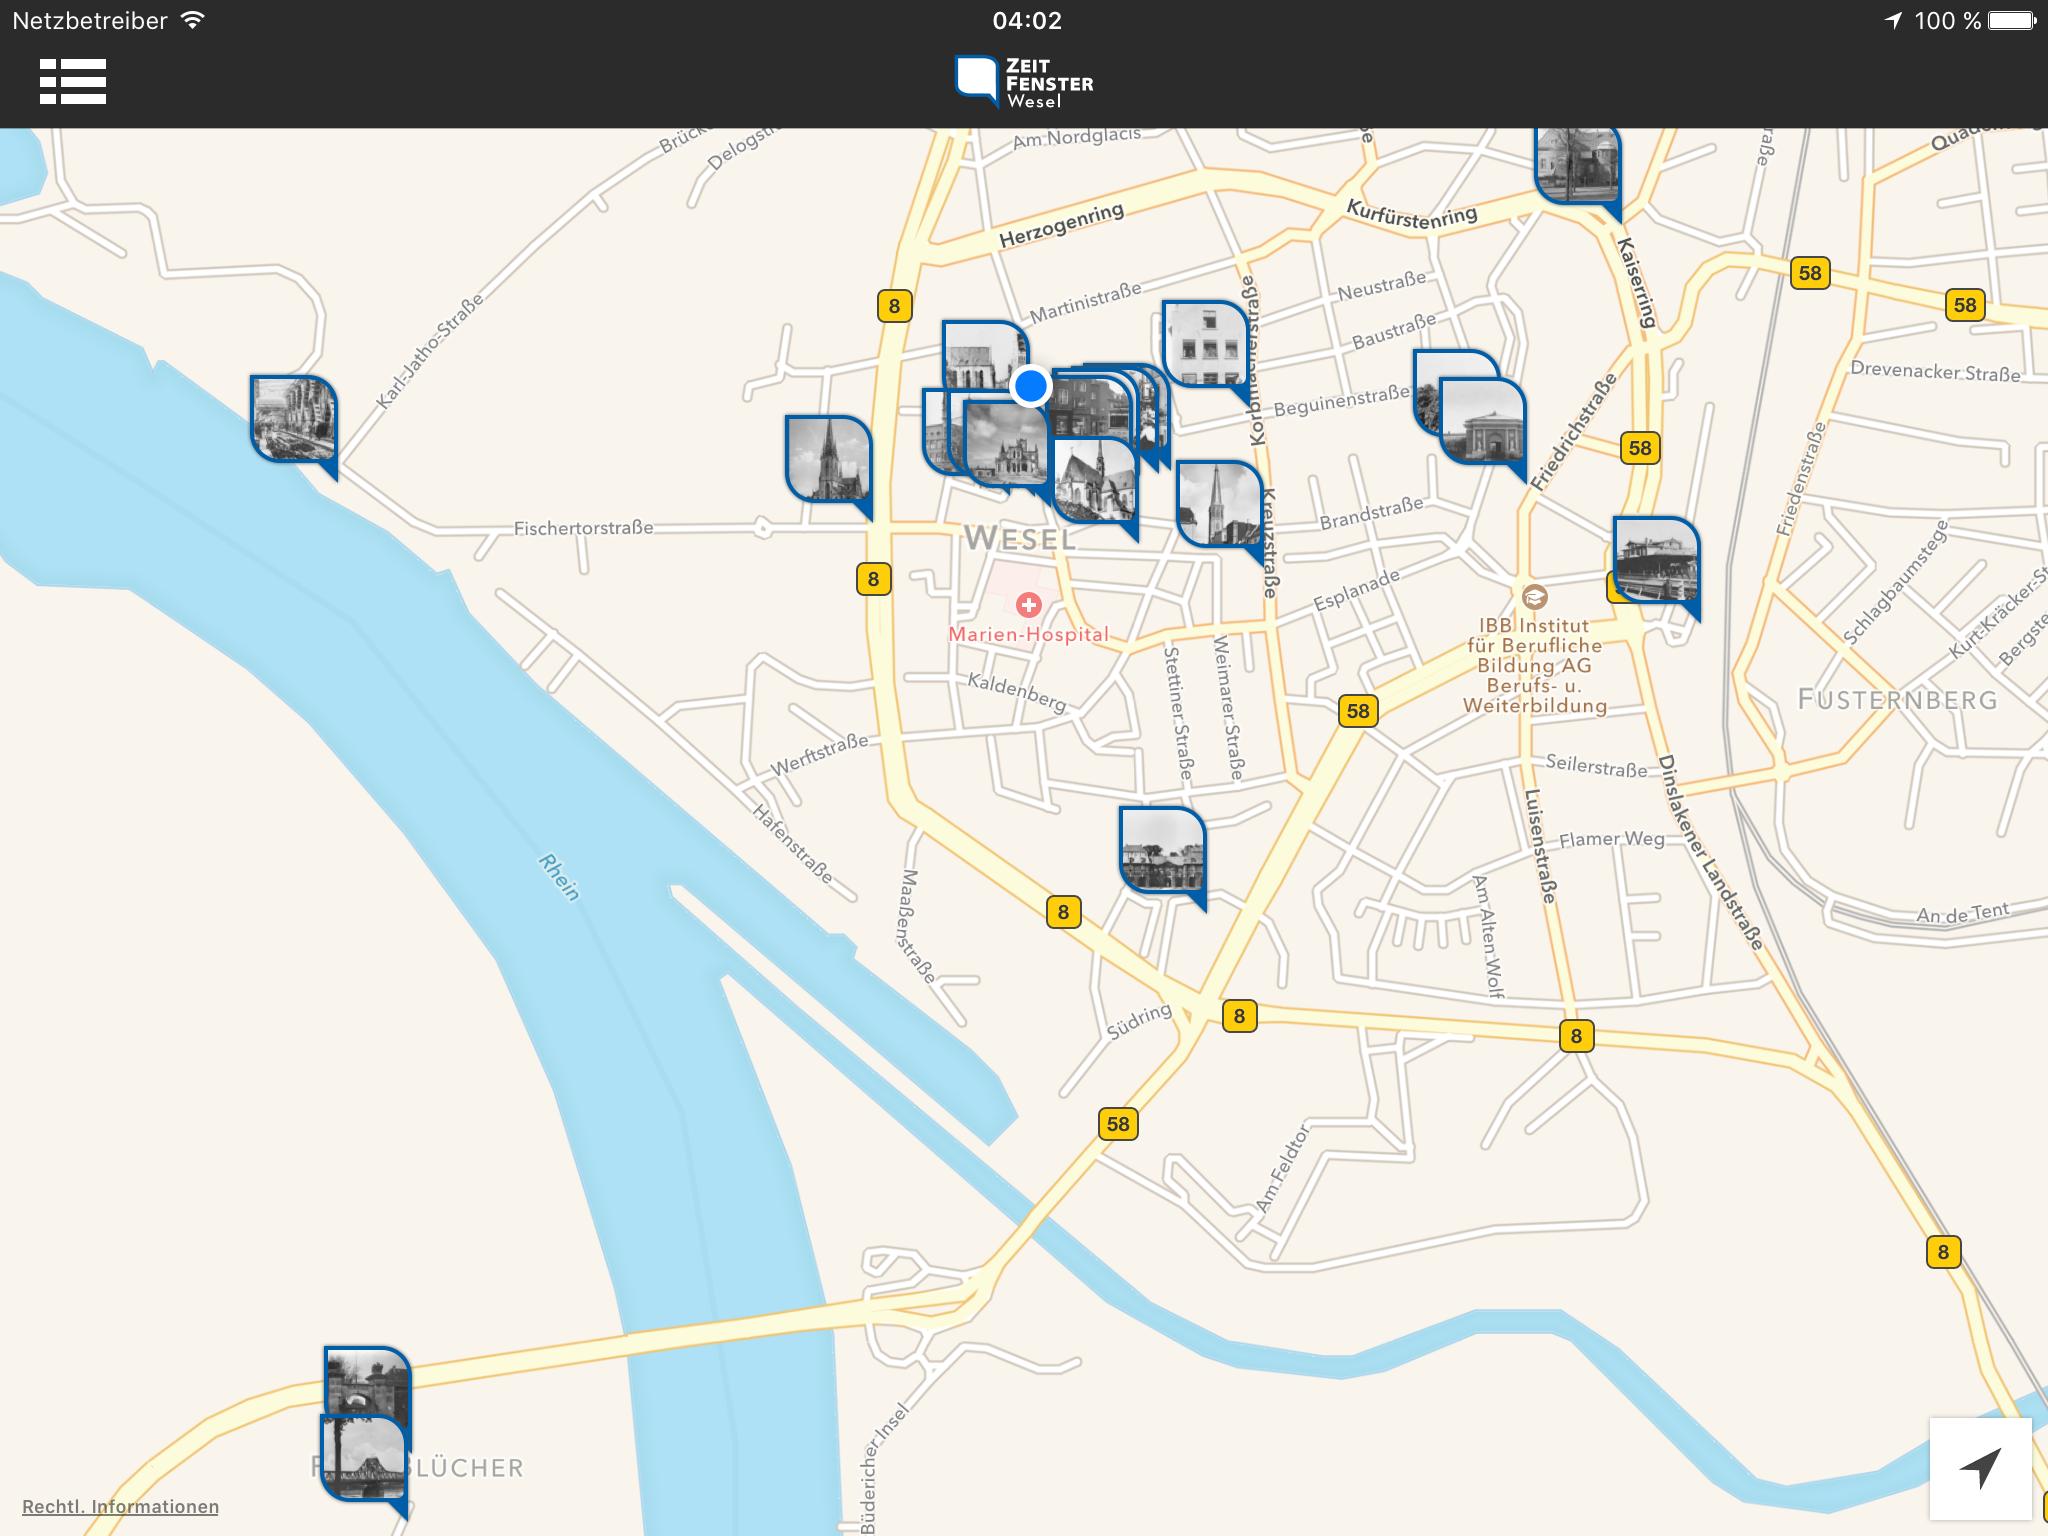 zeitfenster_wesel_map